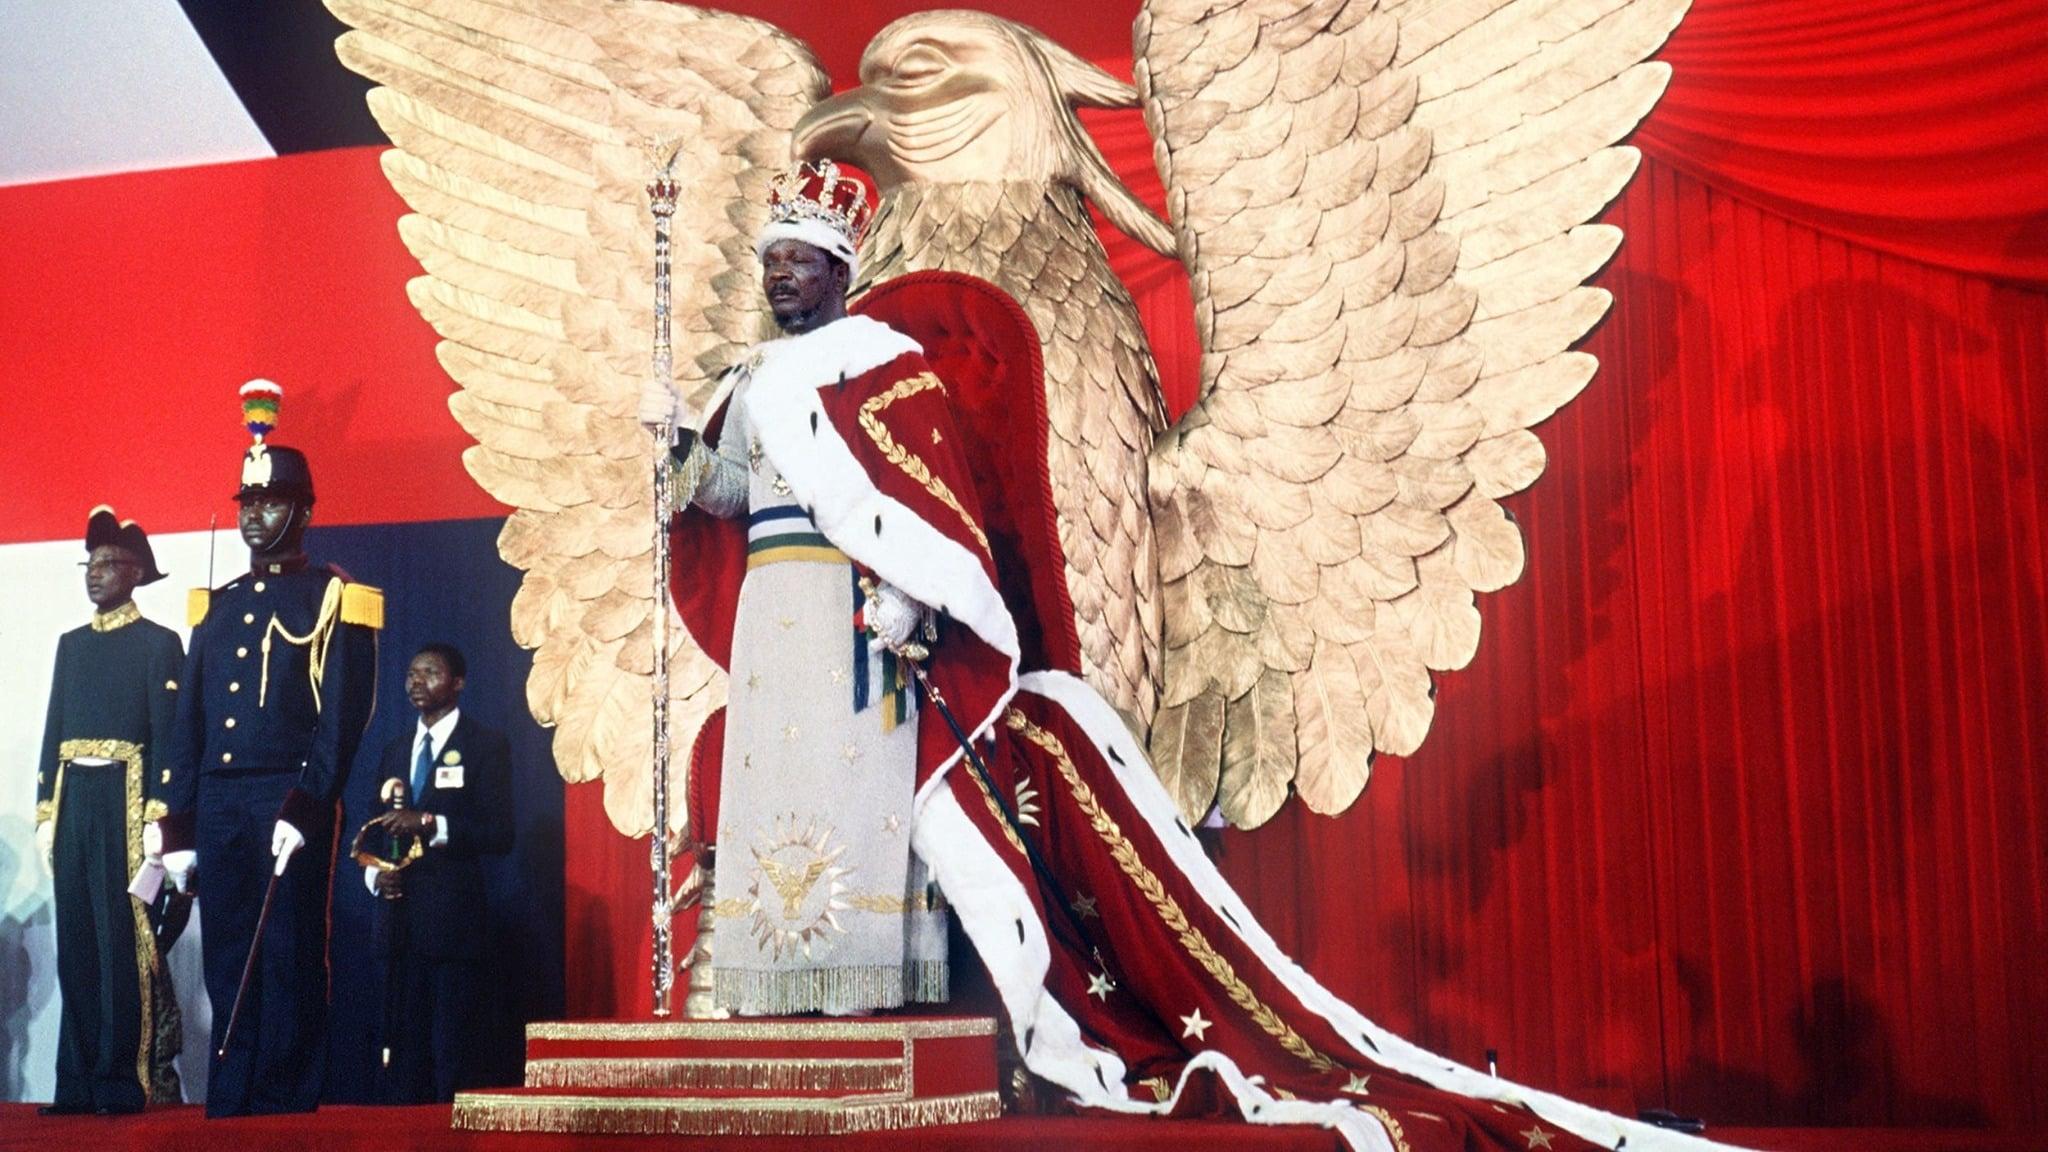 Bokassa Ier, empereur de Françafrique (2011)